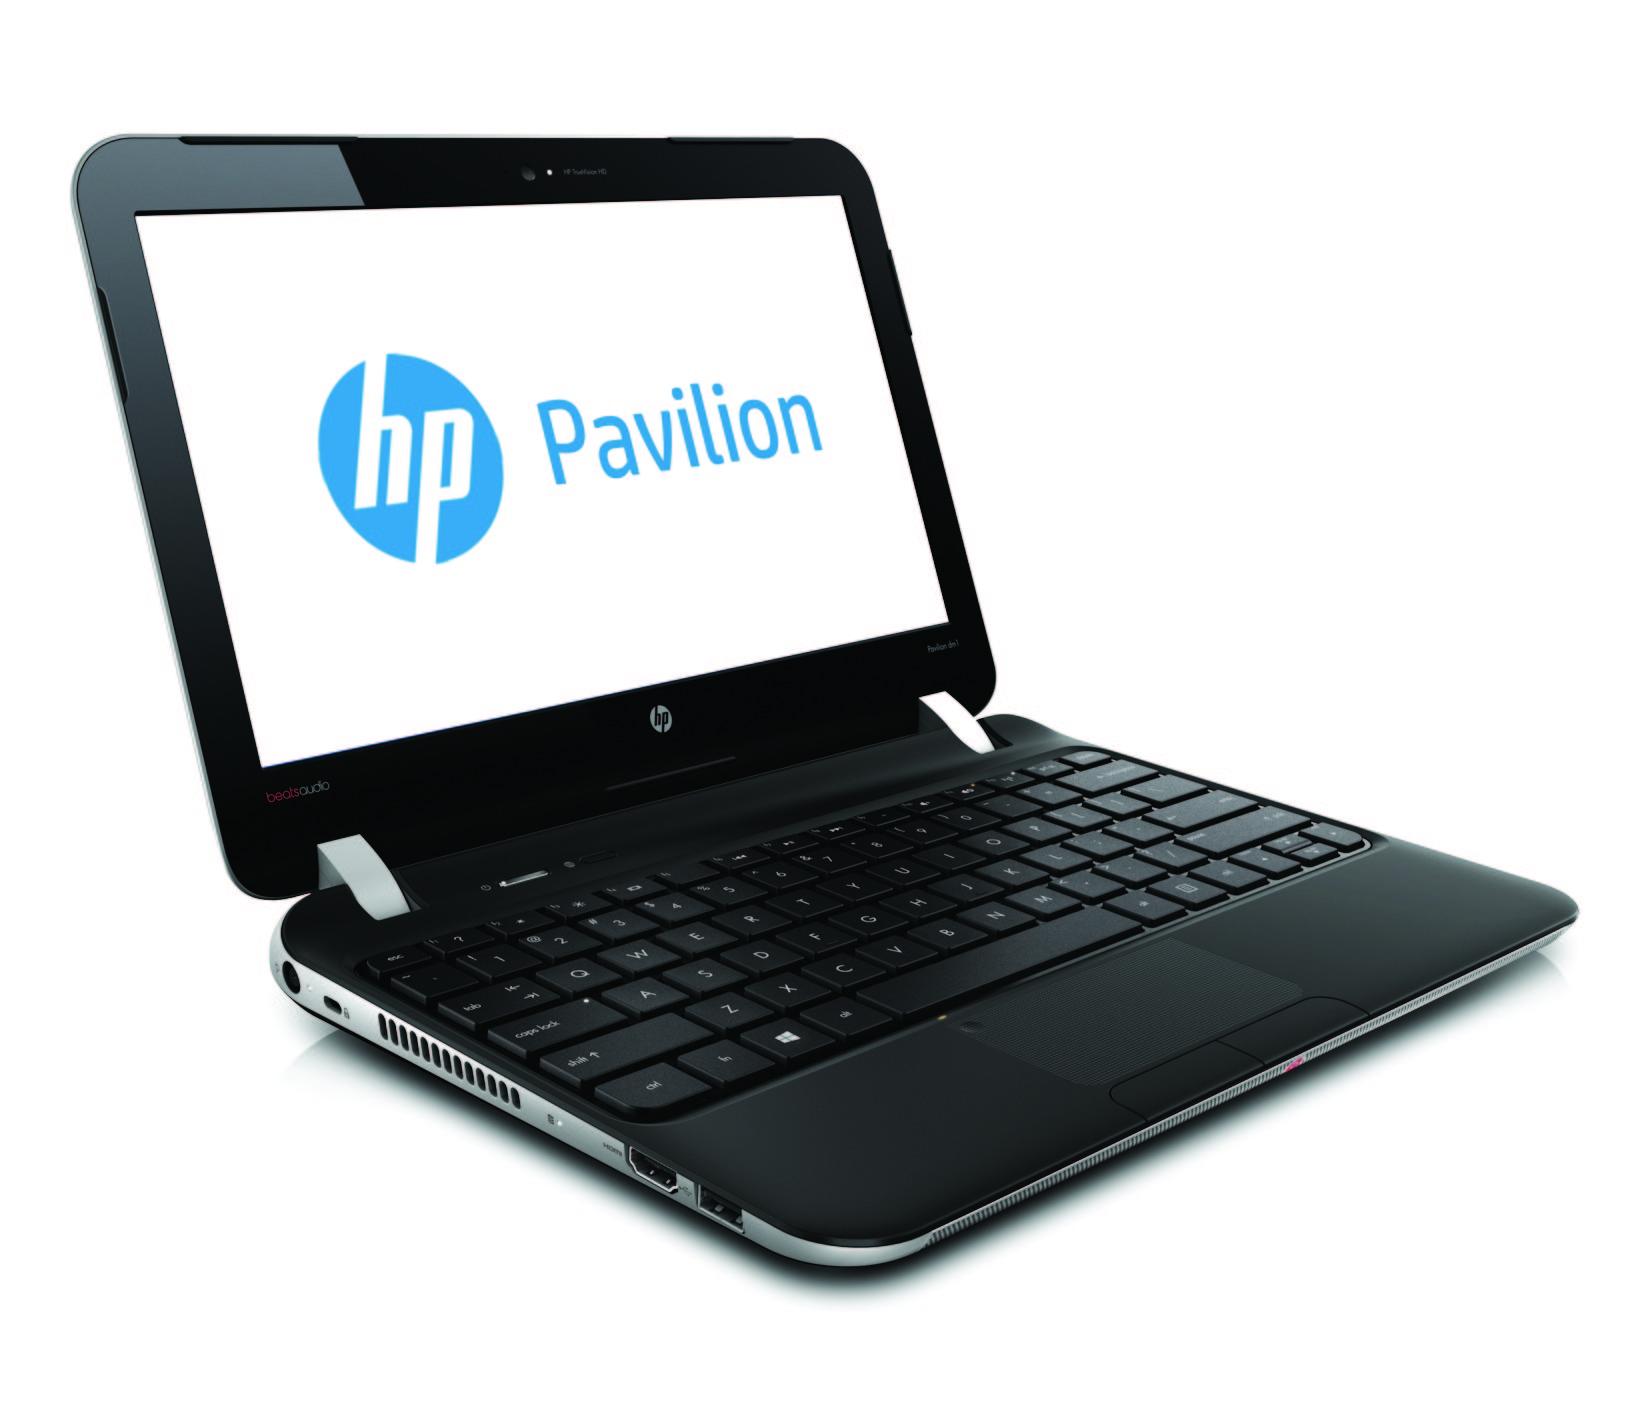 HP Pavilion DM1-4341EA 11.6-inch LED Notebook PC (ASH ...